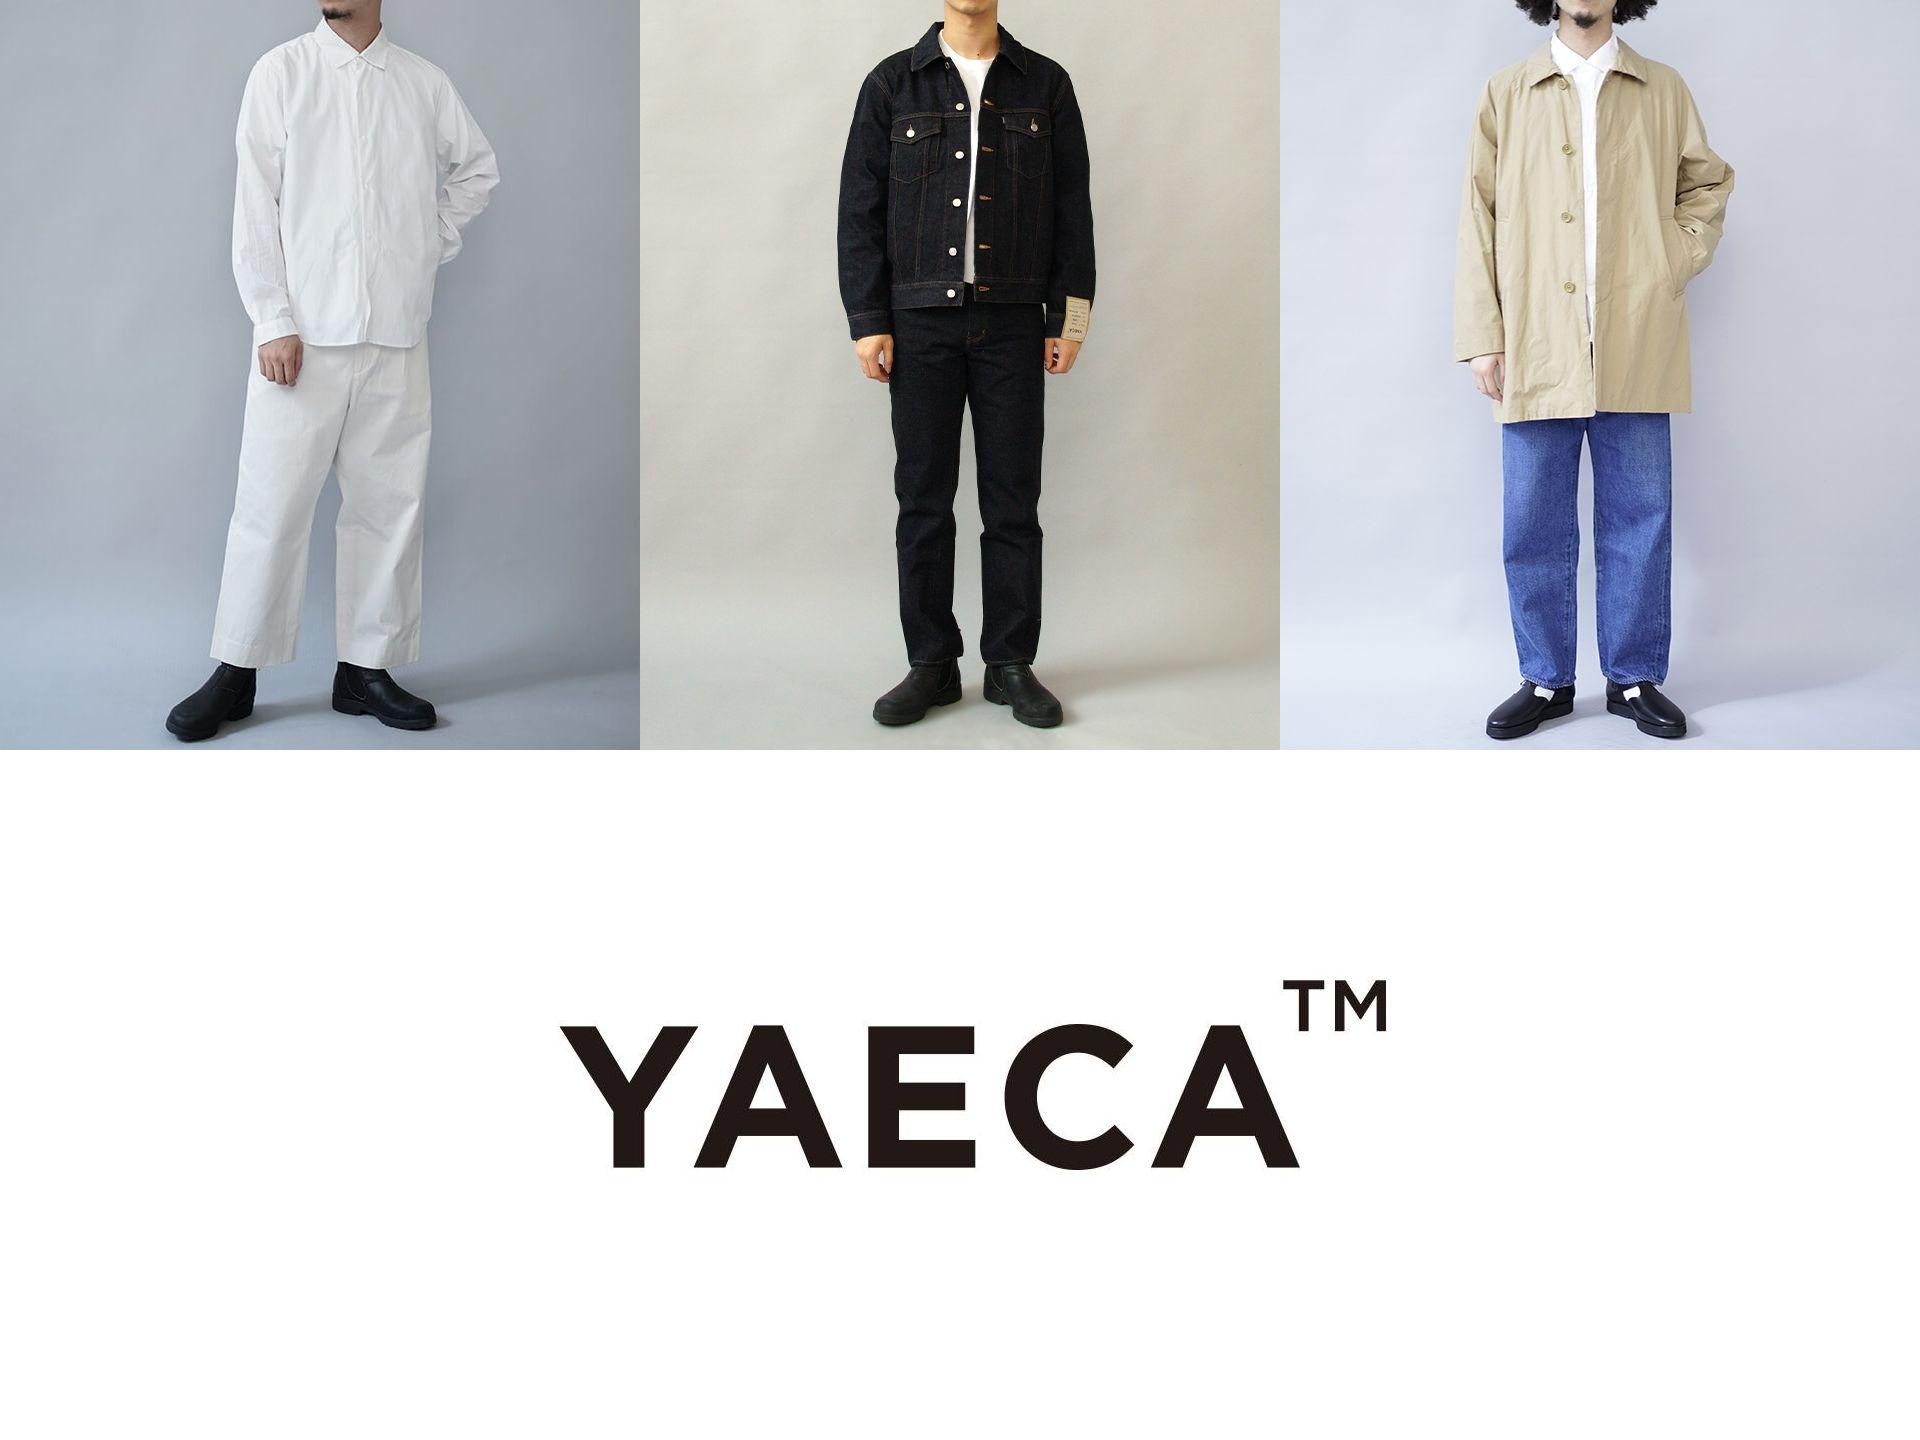 YAECA(ヤエカ)